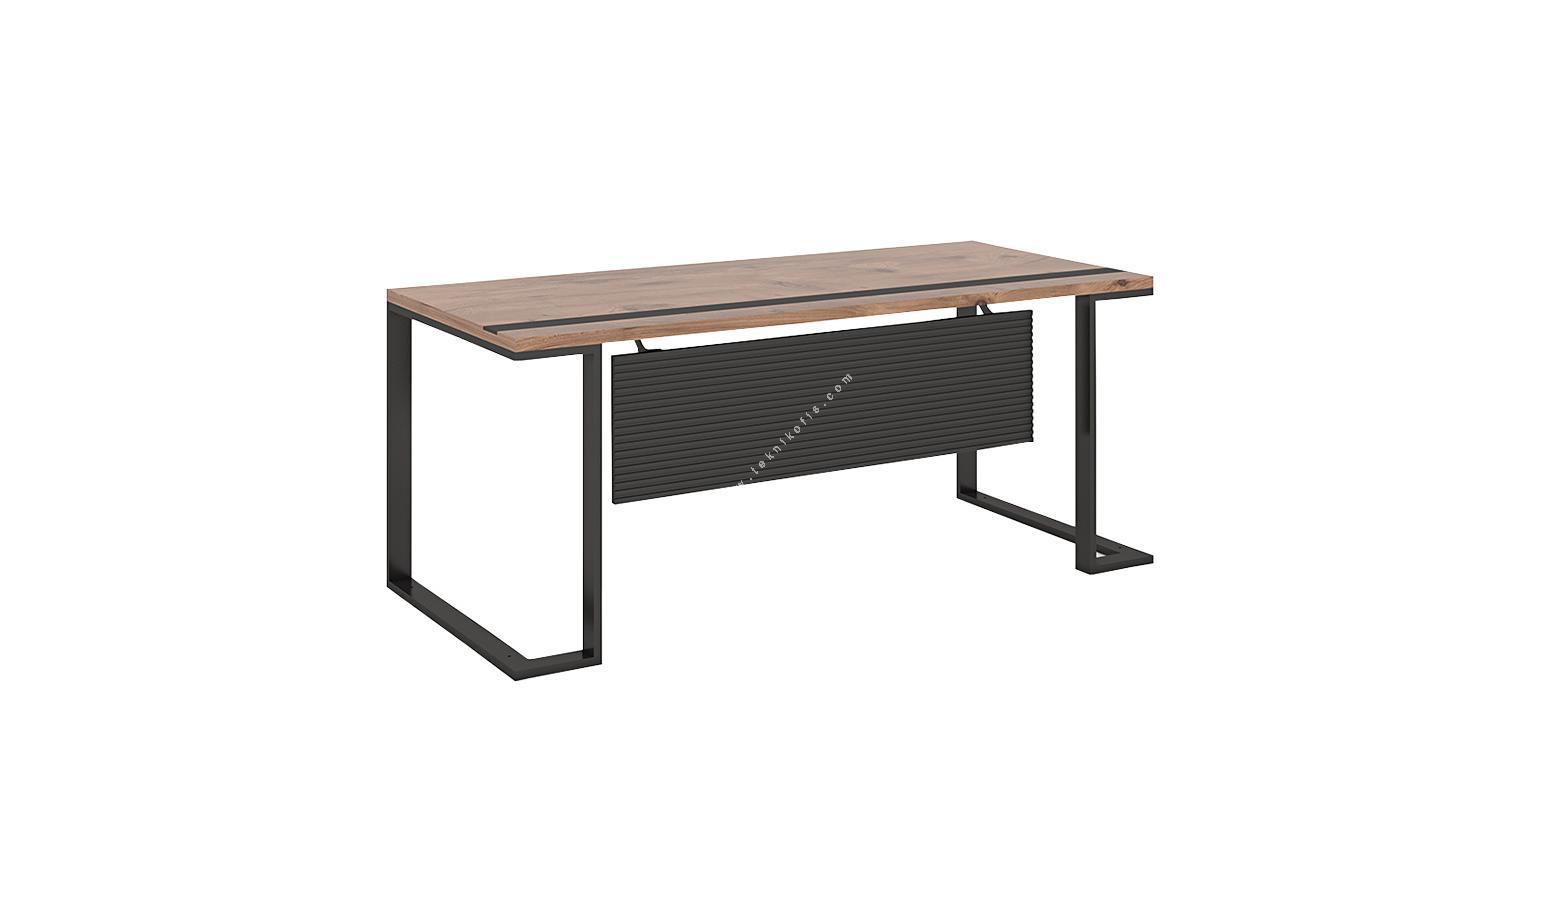 bondo çift ayaklı masa 180cm